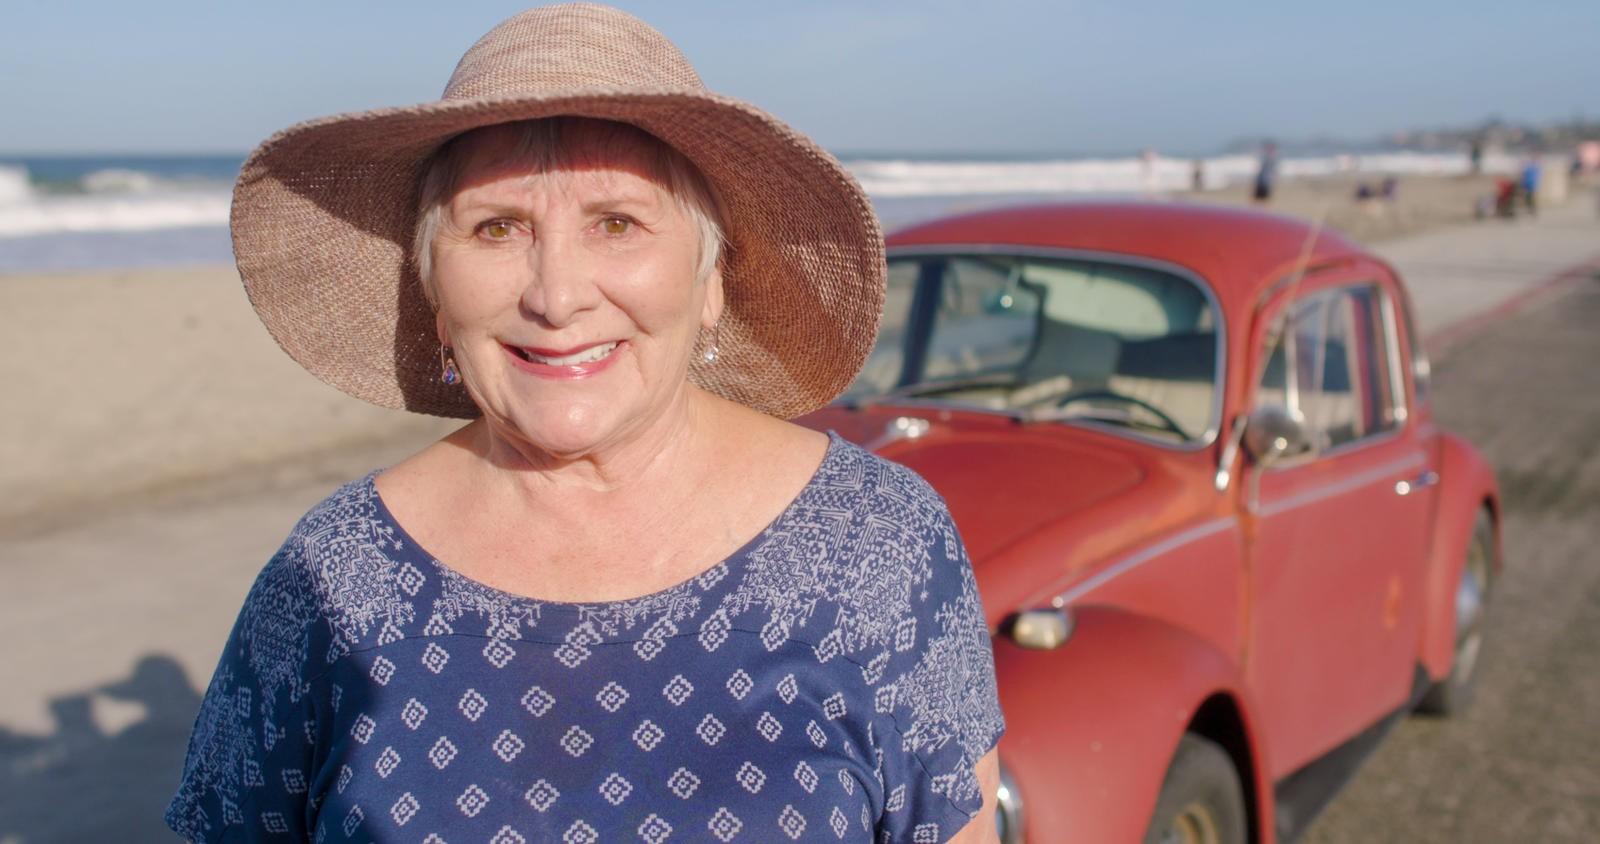 Bà Brooks, chủ nhân duy nhất của chiếc Volkswagen Beetle cổ